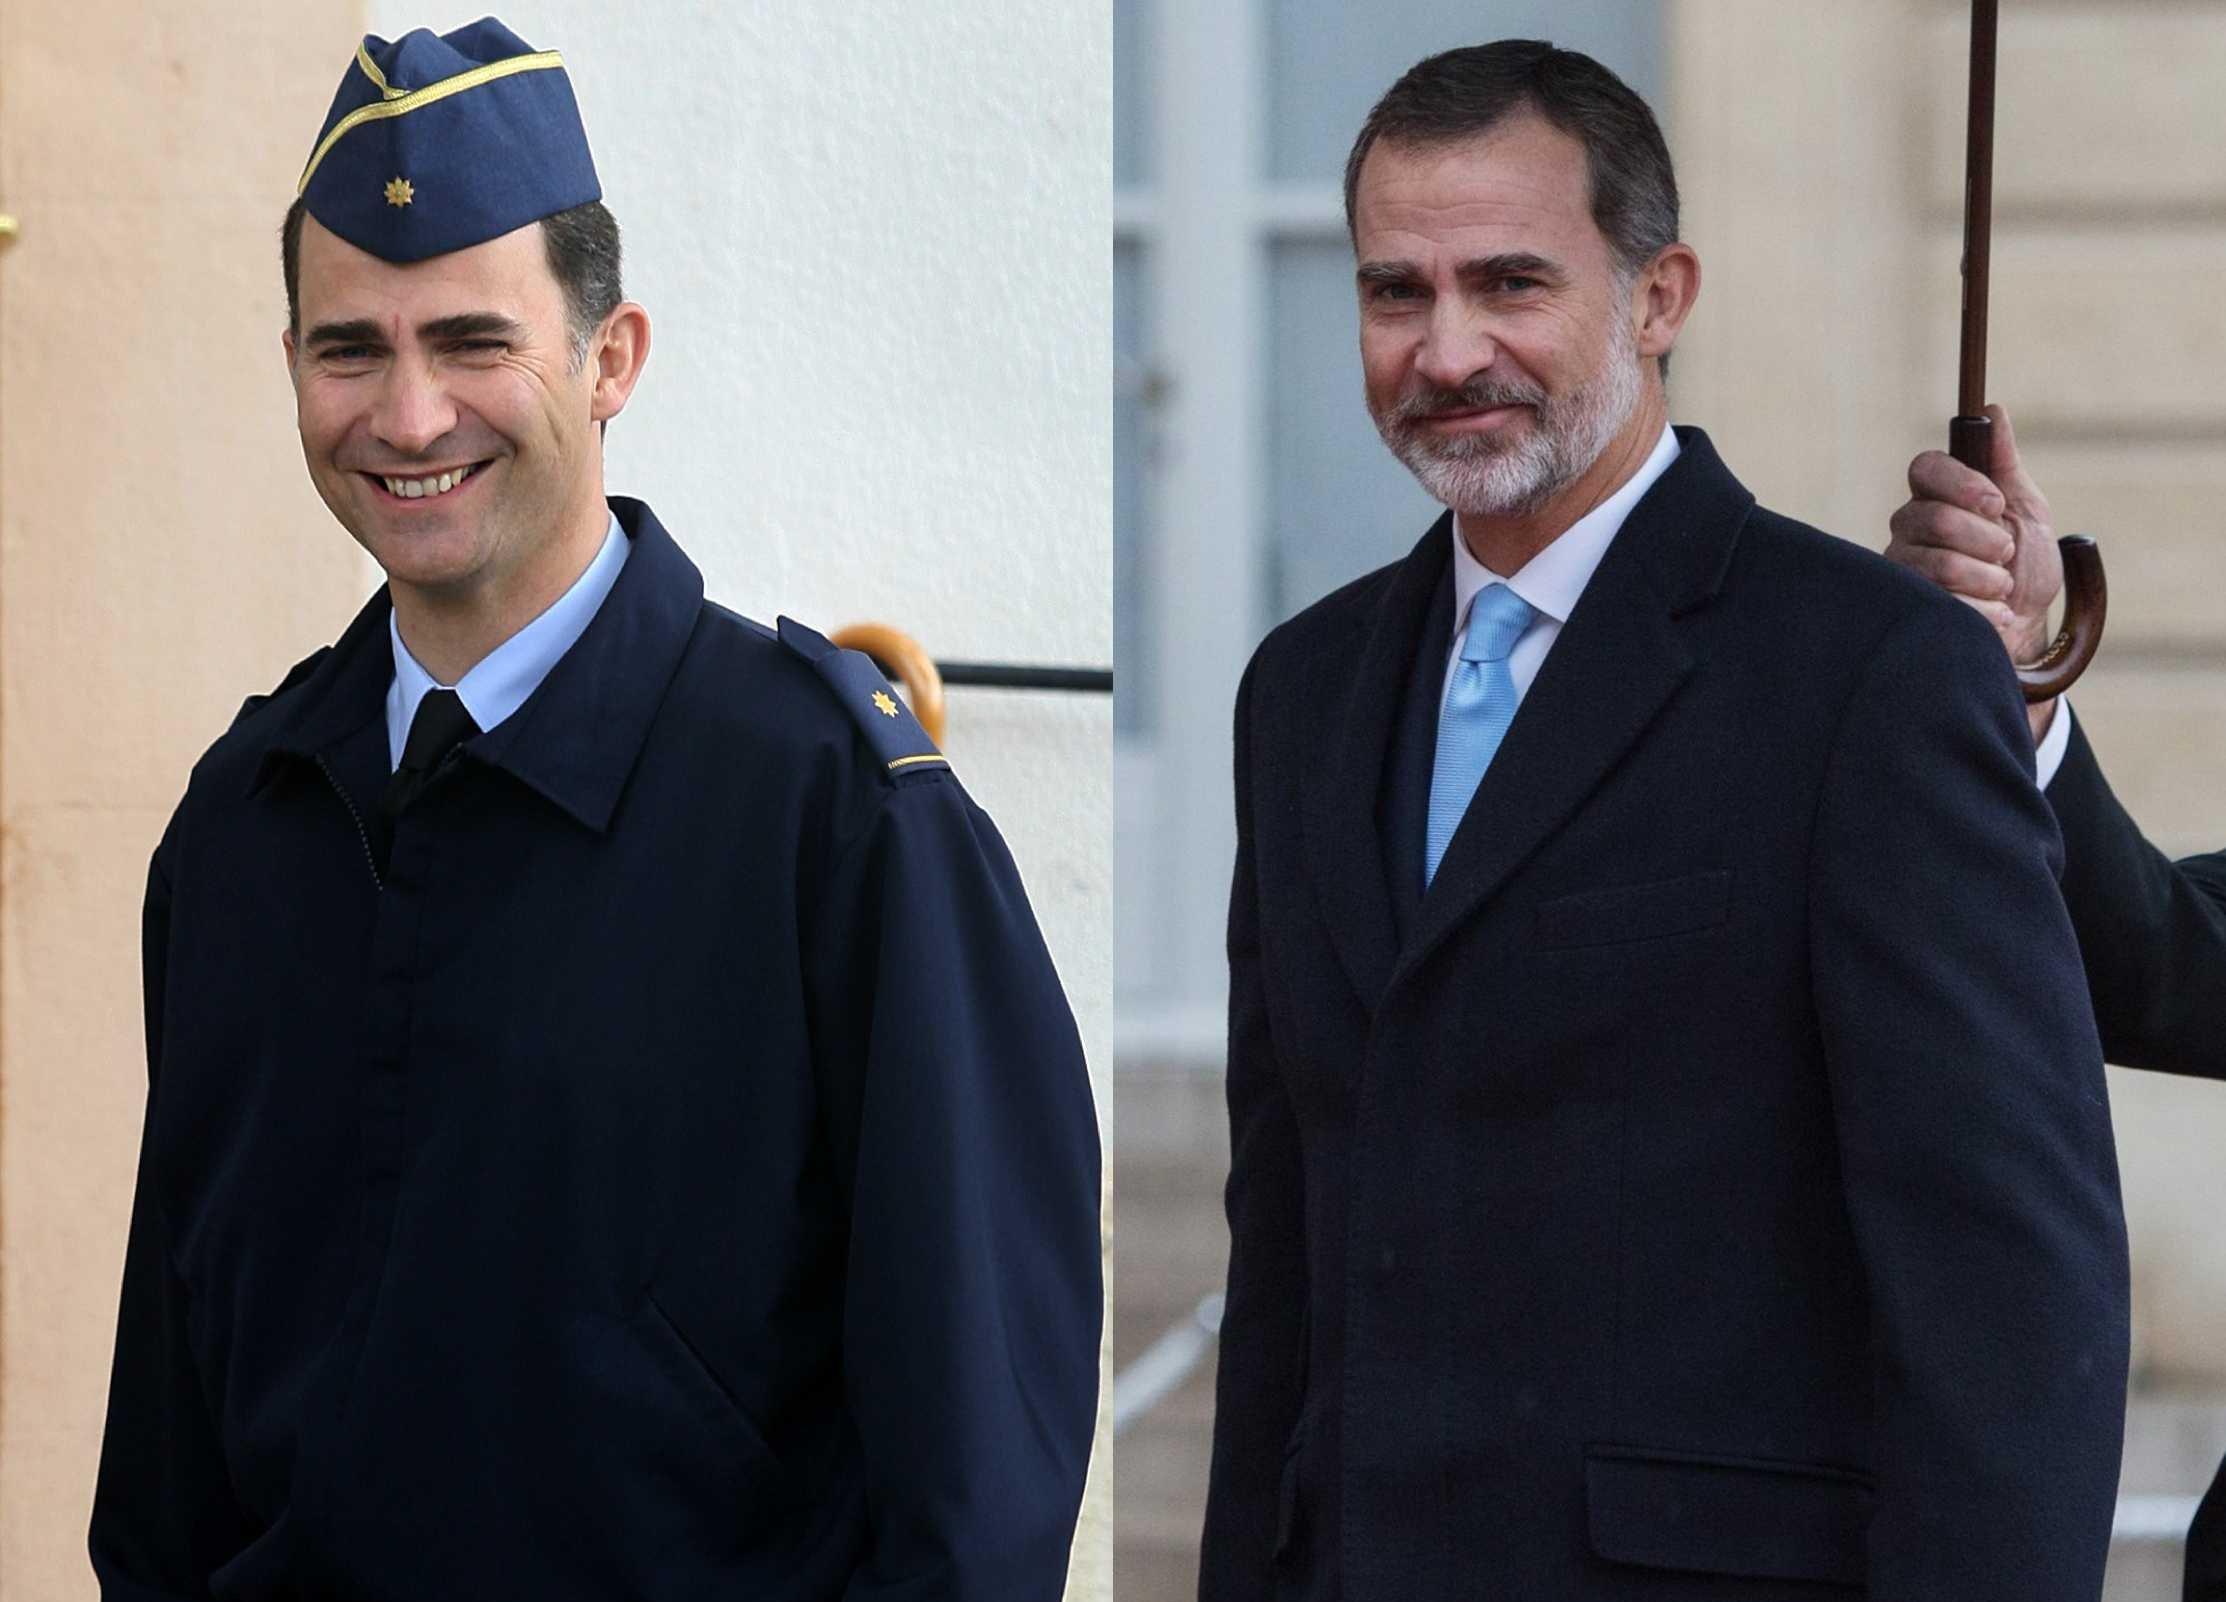 El actual Rey de España, Felipe VI, en el 2009 / en el 2018